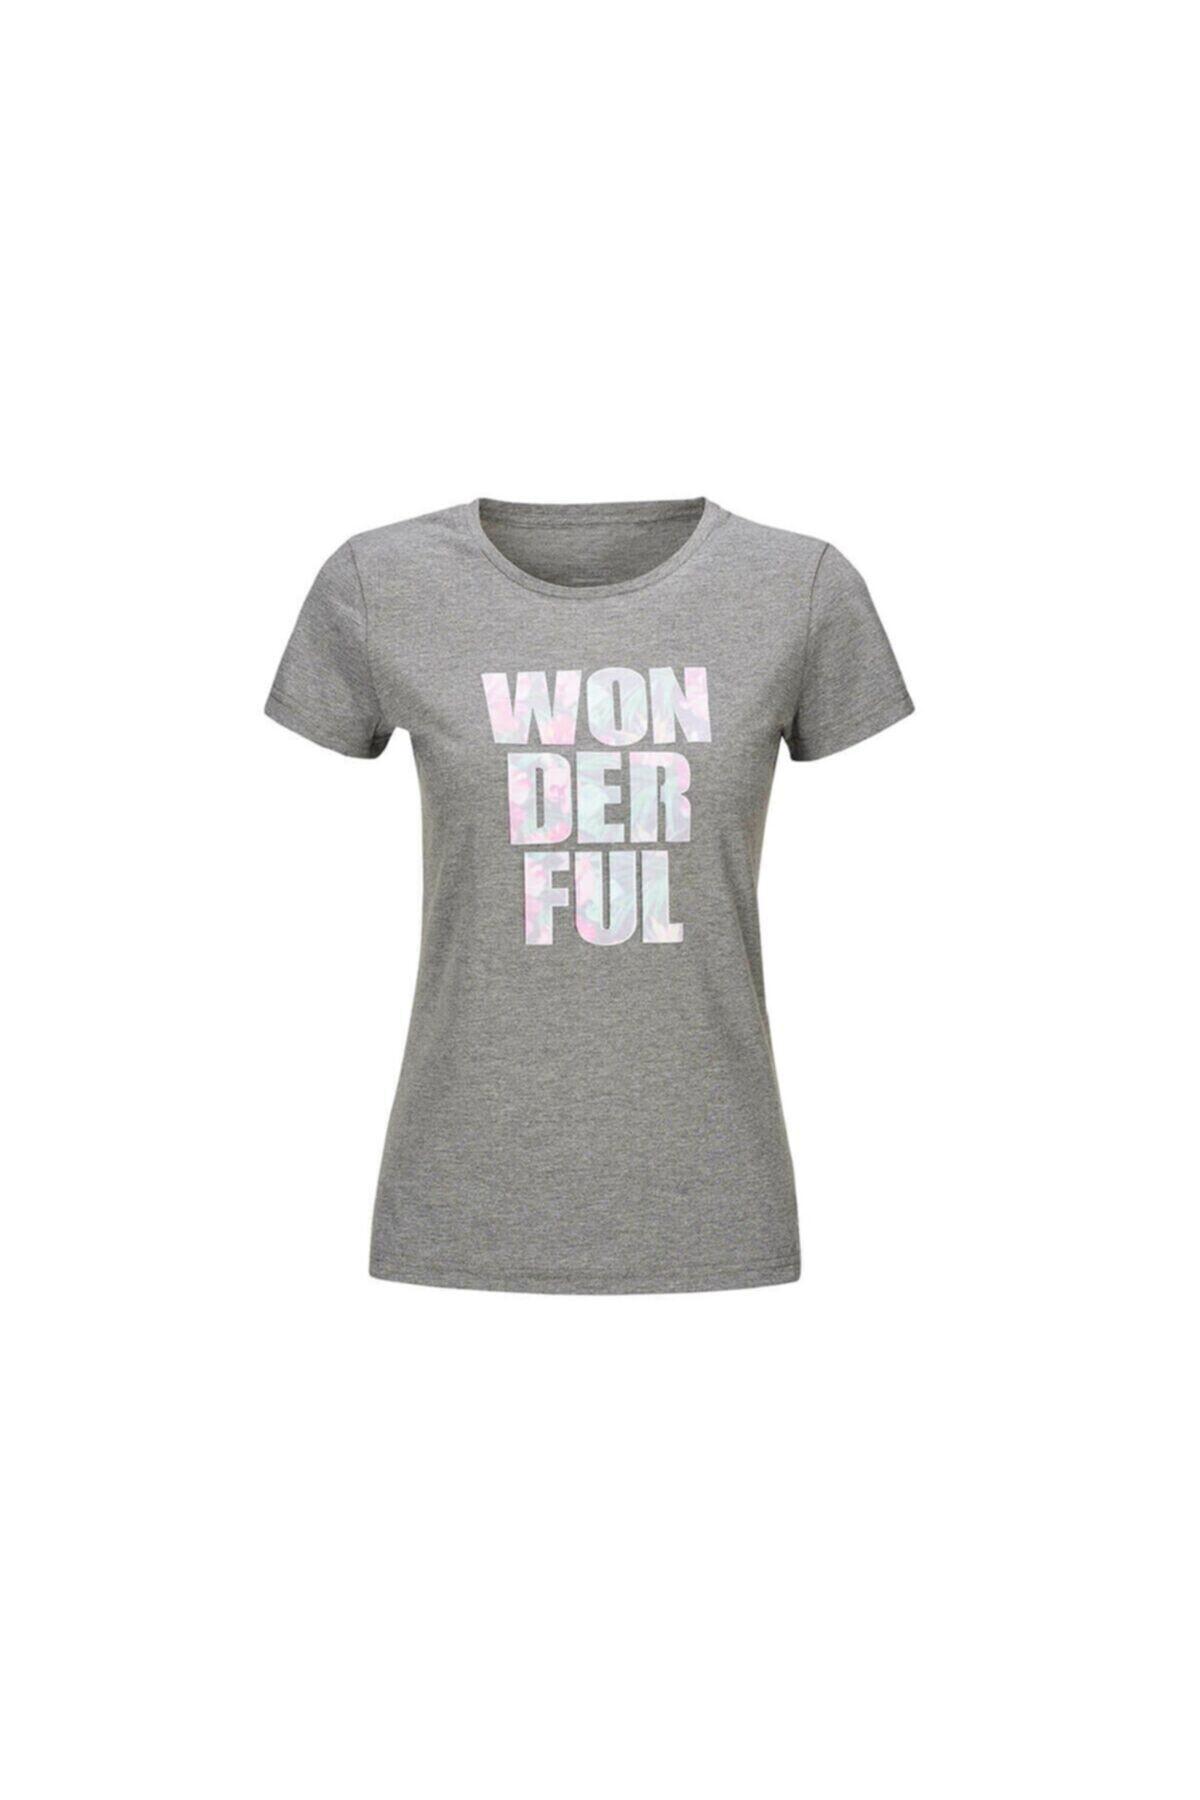 خرید اینترنتی تیشرت شلوار زنانه برند کینتیکس kinetix رنگ نقره ای کد ty6132016